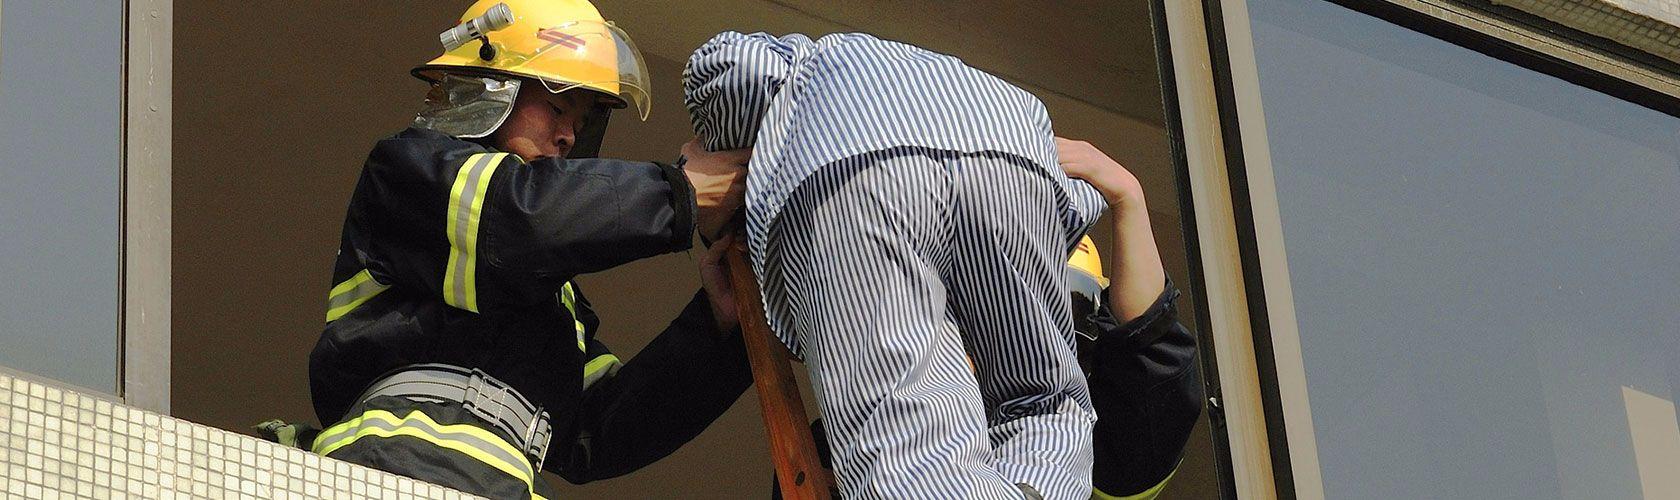 Zu unserer Brandschutzberatung gehört auch die Fluchtübung mit Brandschutzhelfern